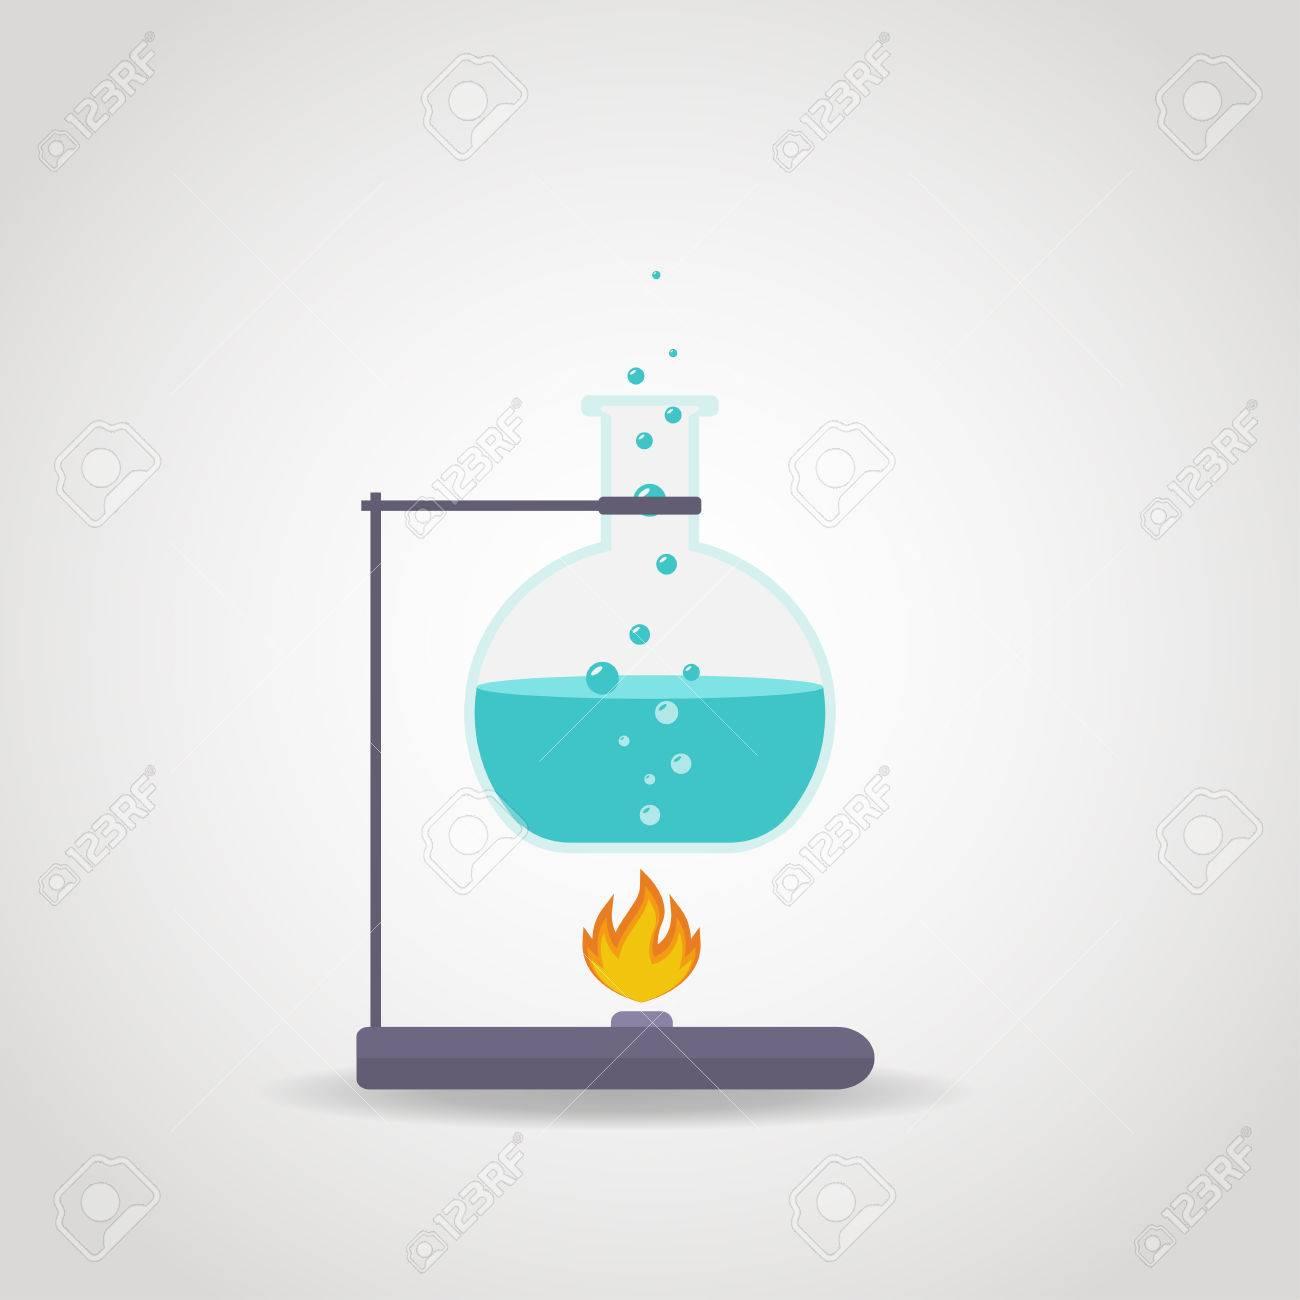 Chemistry tube with blue liquid on lab burner. - 37578126